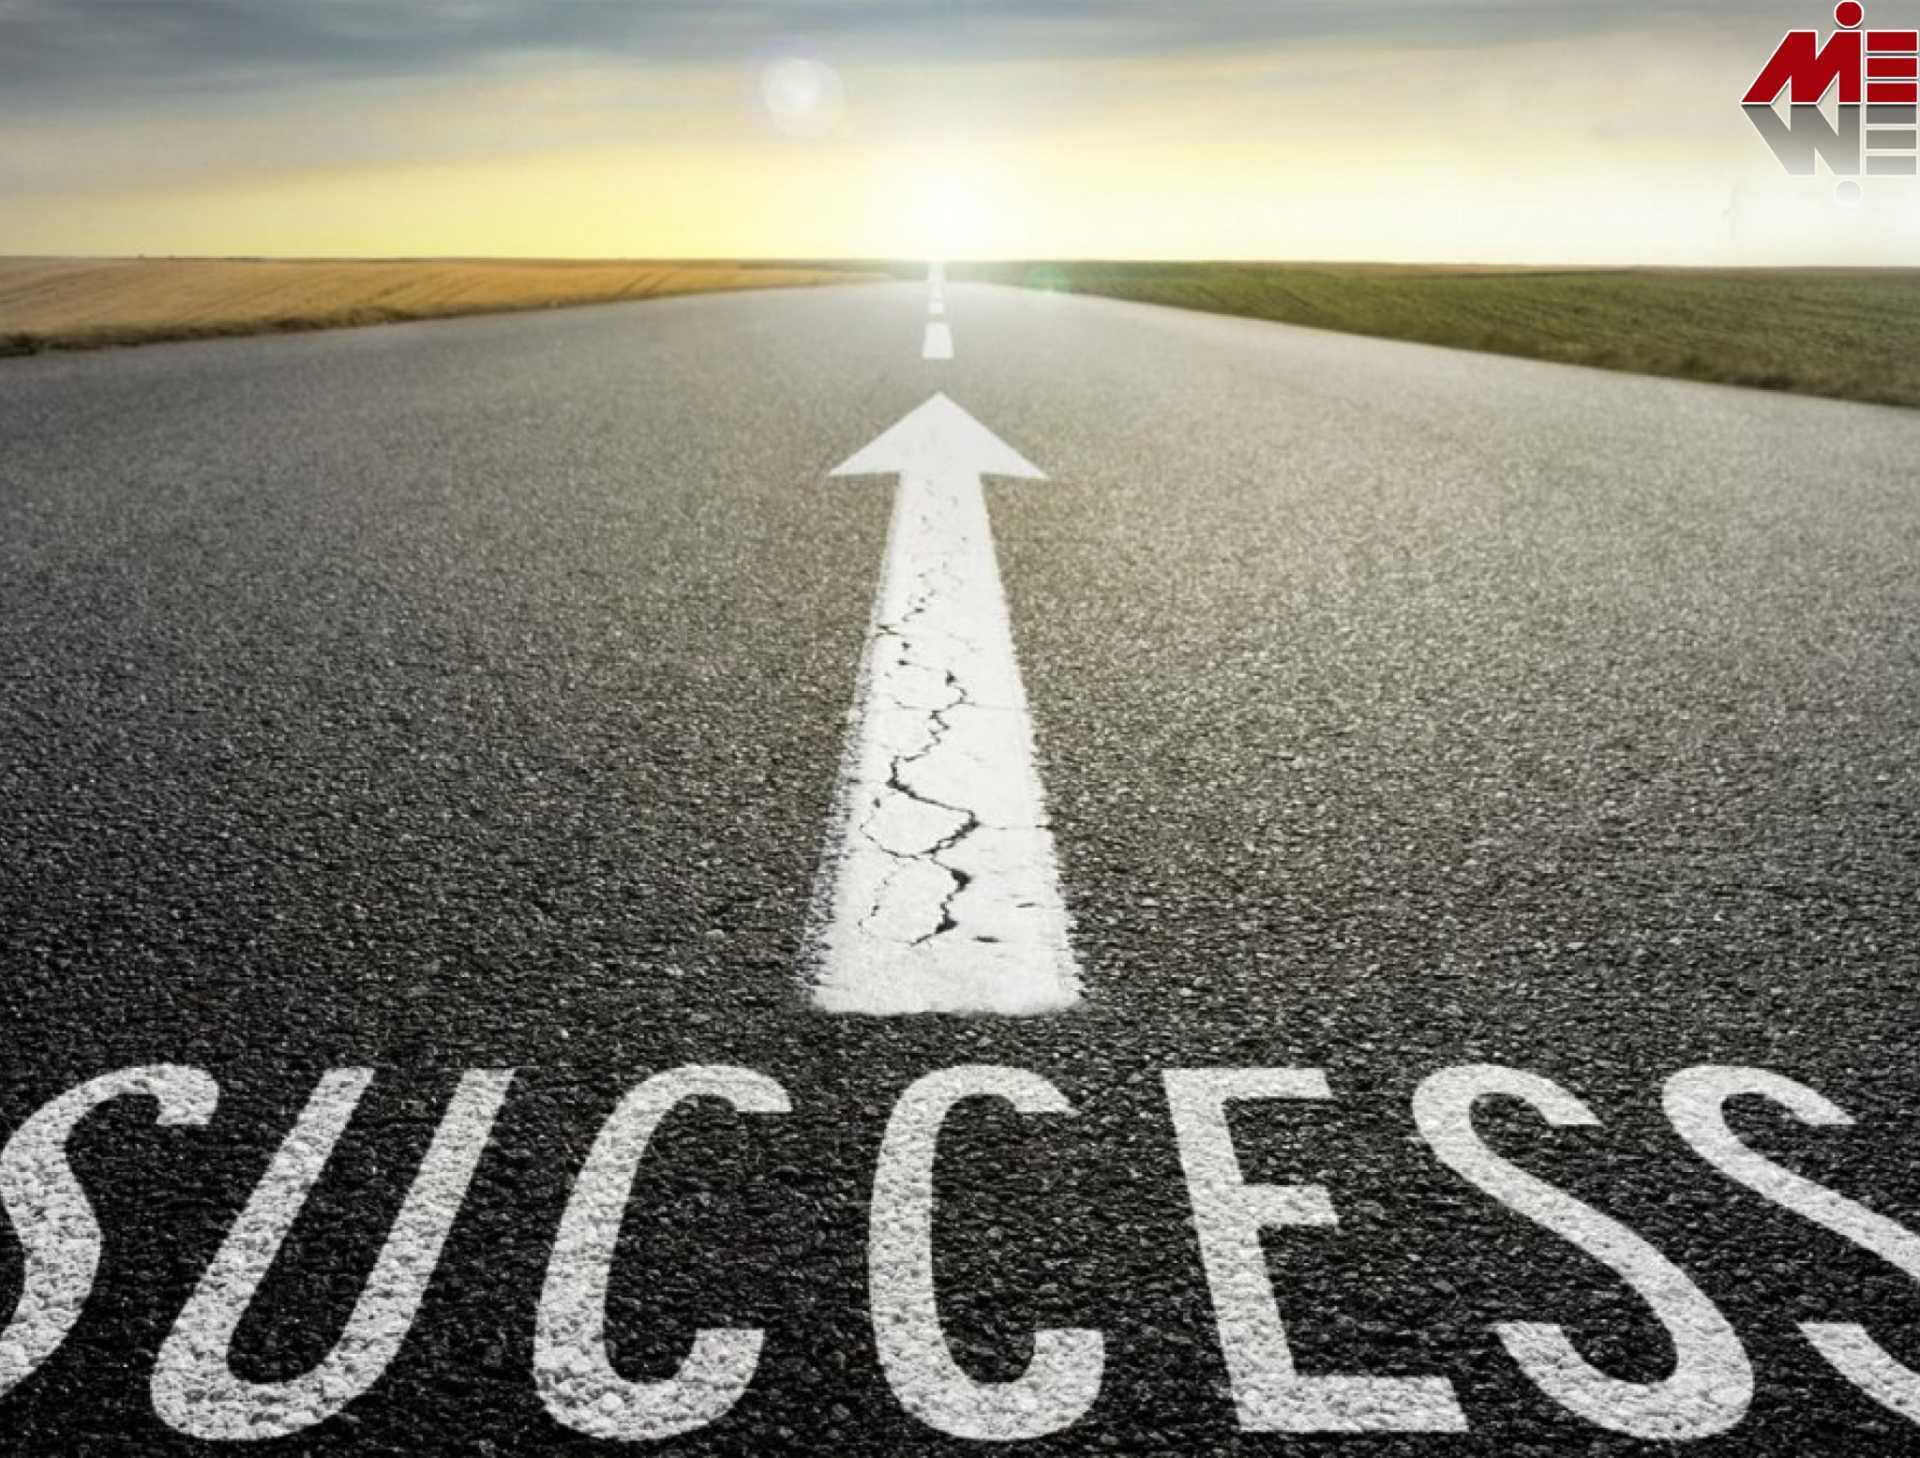 موفقیت 1 داستان موفقیت